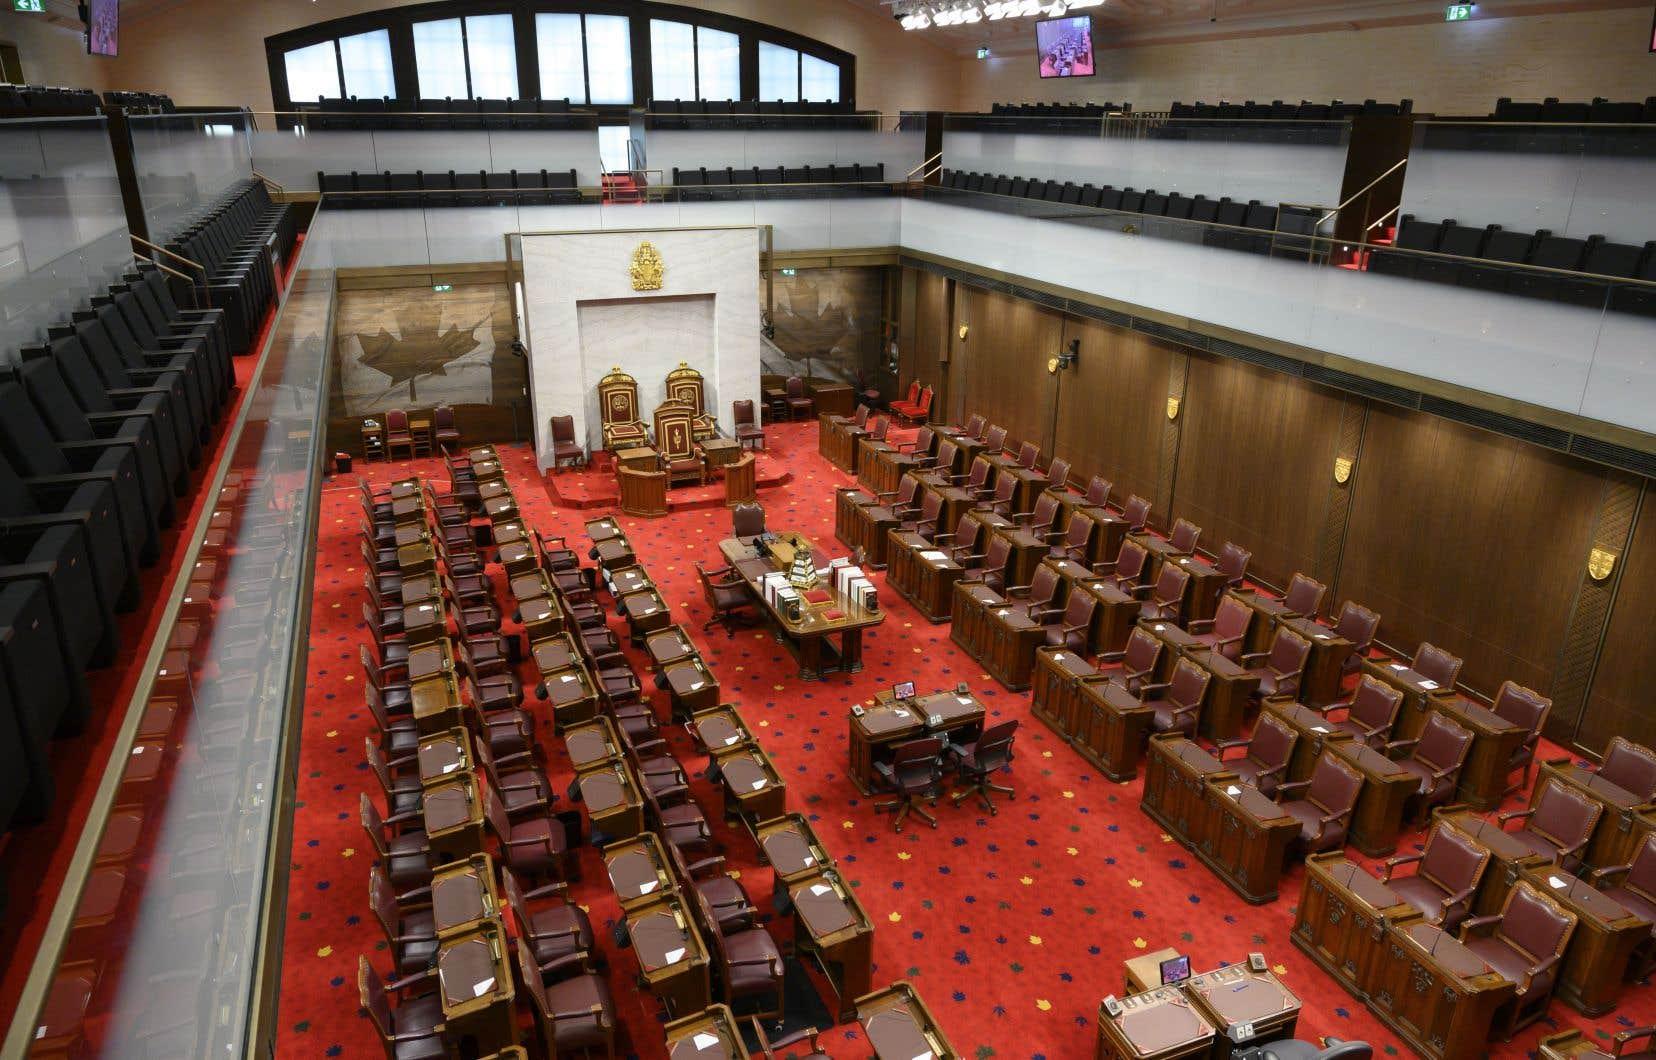 «Deux projets de loi essentiels pour les communautés autochtones et les femmes victimes d'agression sexuelle ne verront jamais le jour. Un appui indéfectible de la part de la population et des groupes de pression n'aura pas suffi», souligne l'auteur.